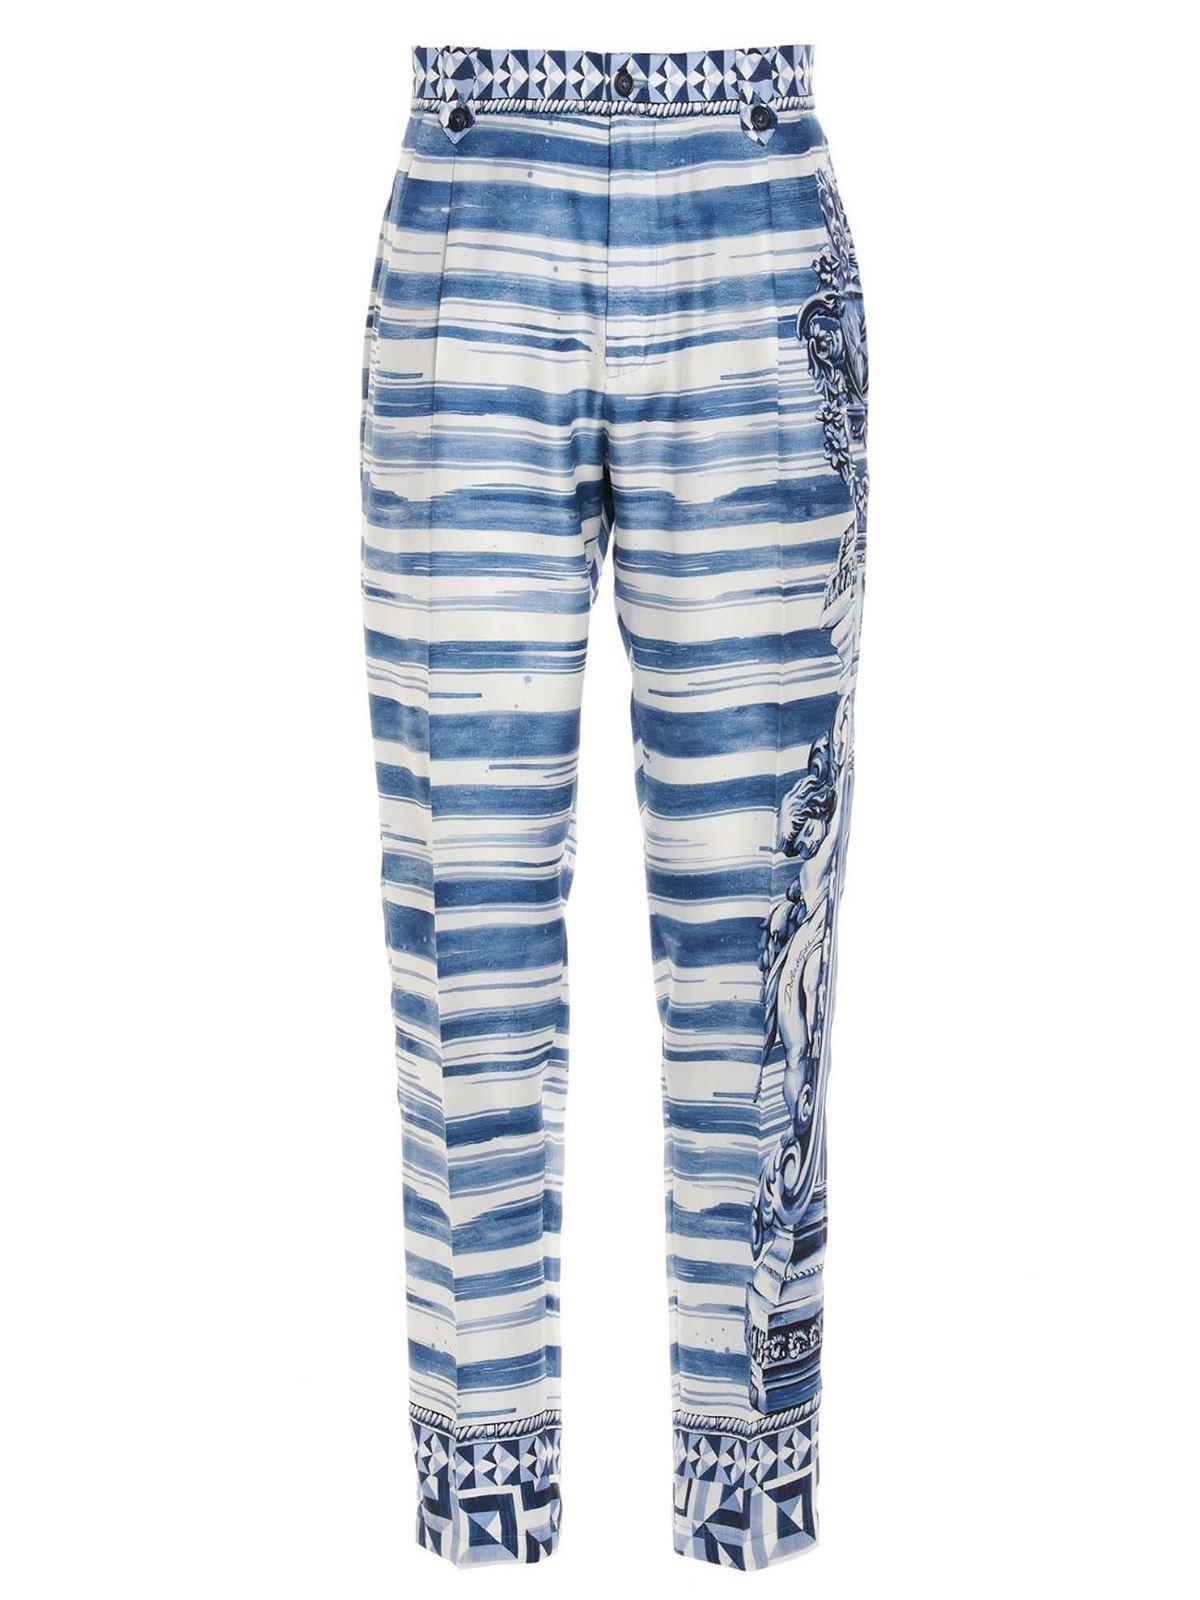 Dolce & Gabbana MAJOLICA PRINT PANTS IN BLUE